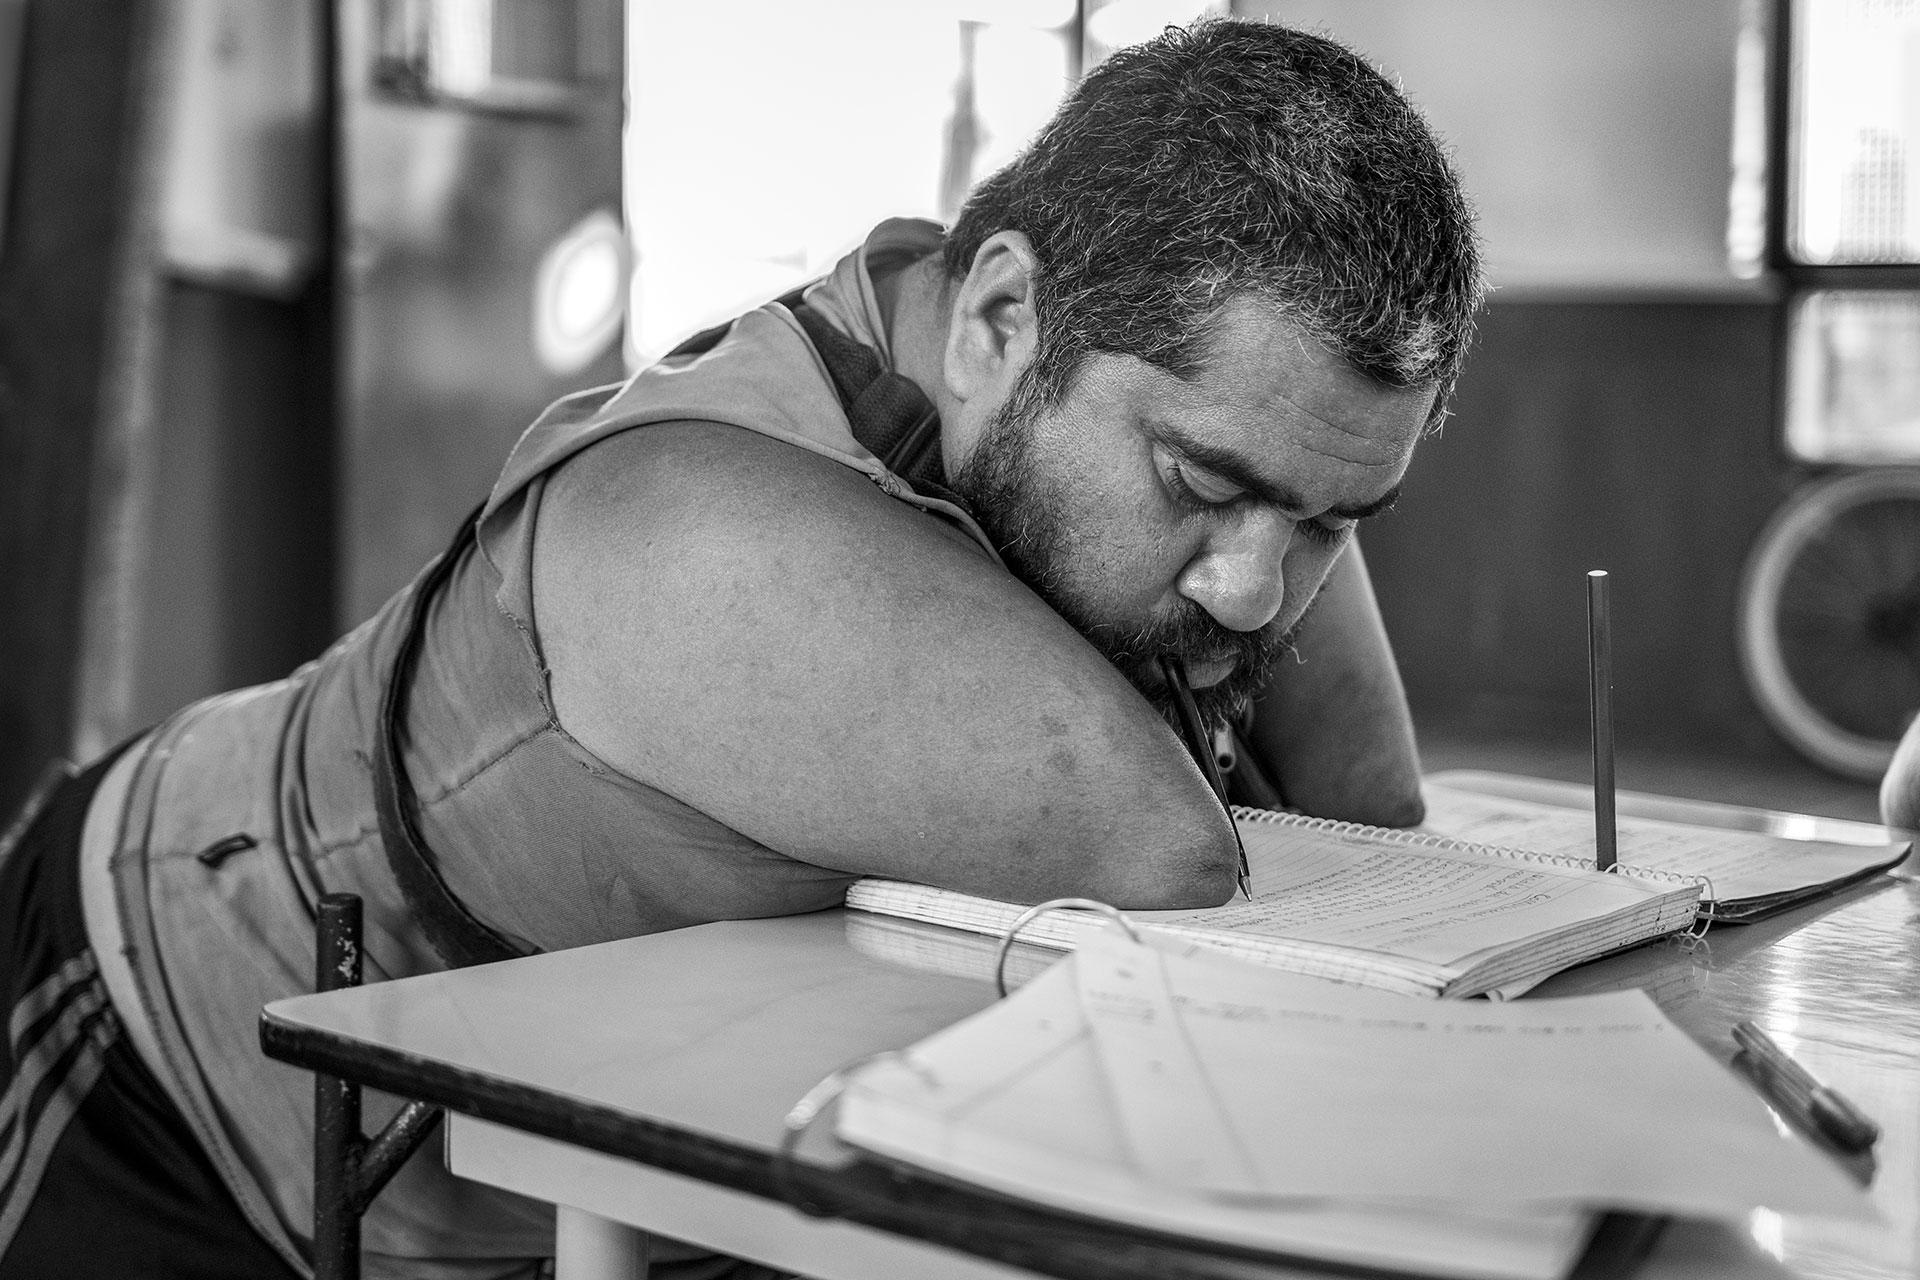 Uno de los sueños de Jorge, es el de ingresar a la Universidad para convertirse en abogado defensor por los derechos humanos, por eso está cursando un bachillerato comunitario para terminar sus estudios secundarios.